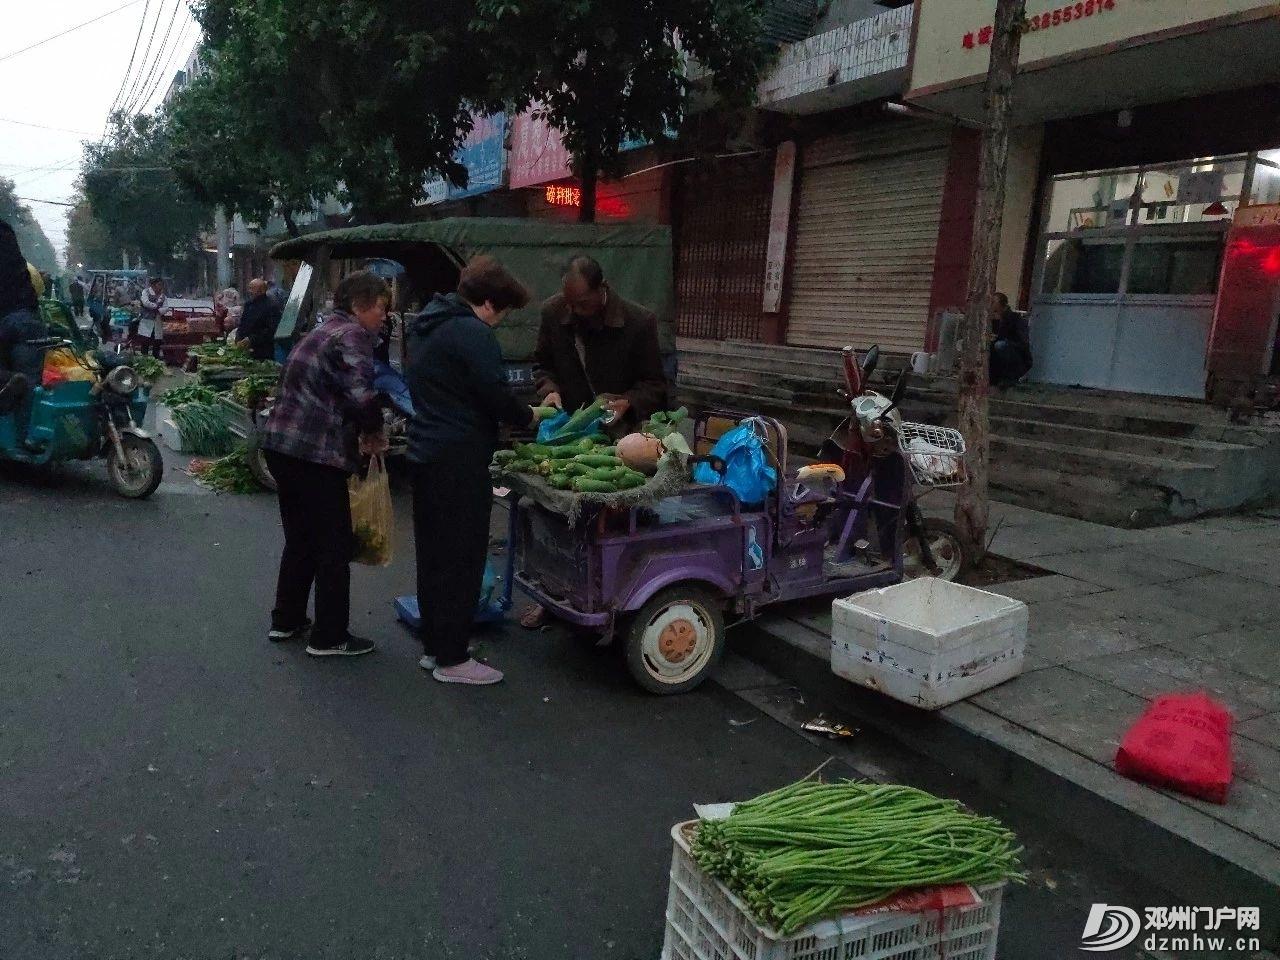 最新!凌晨6点,邓州菜市场拍到的一幕… - 邓州门户网 邓州网 - b88e9f89c1abb421d90535c12fb7f1be.jpg